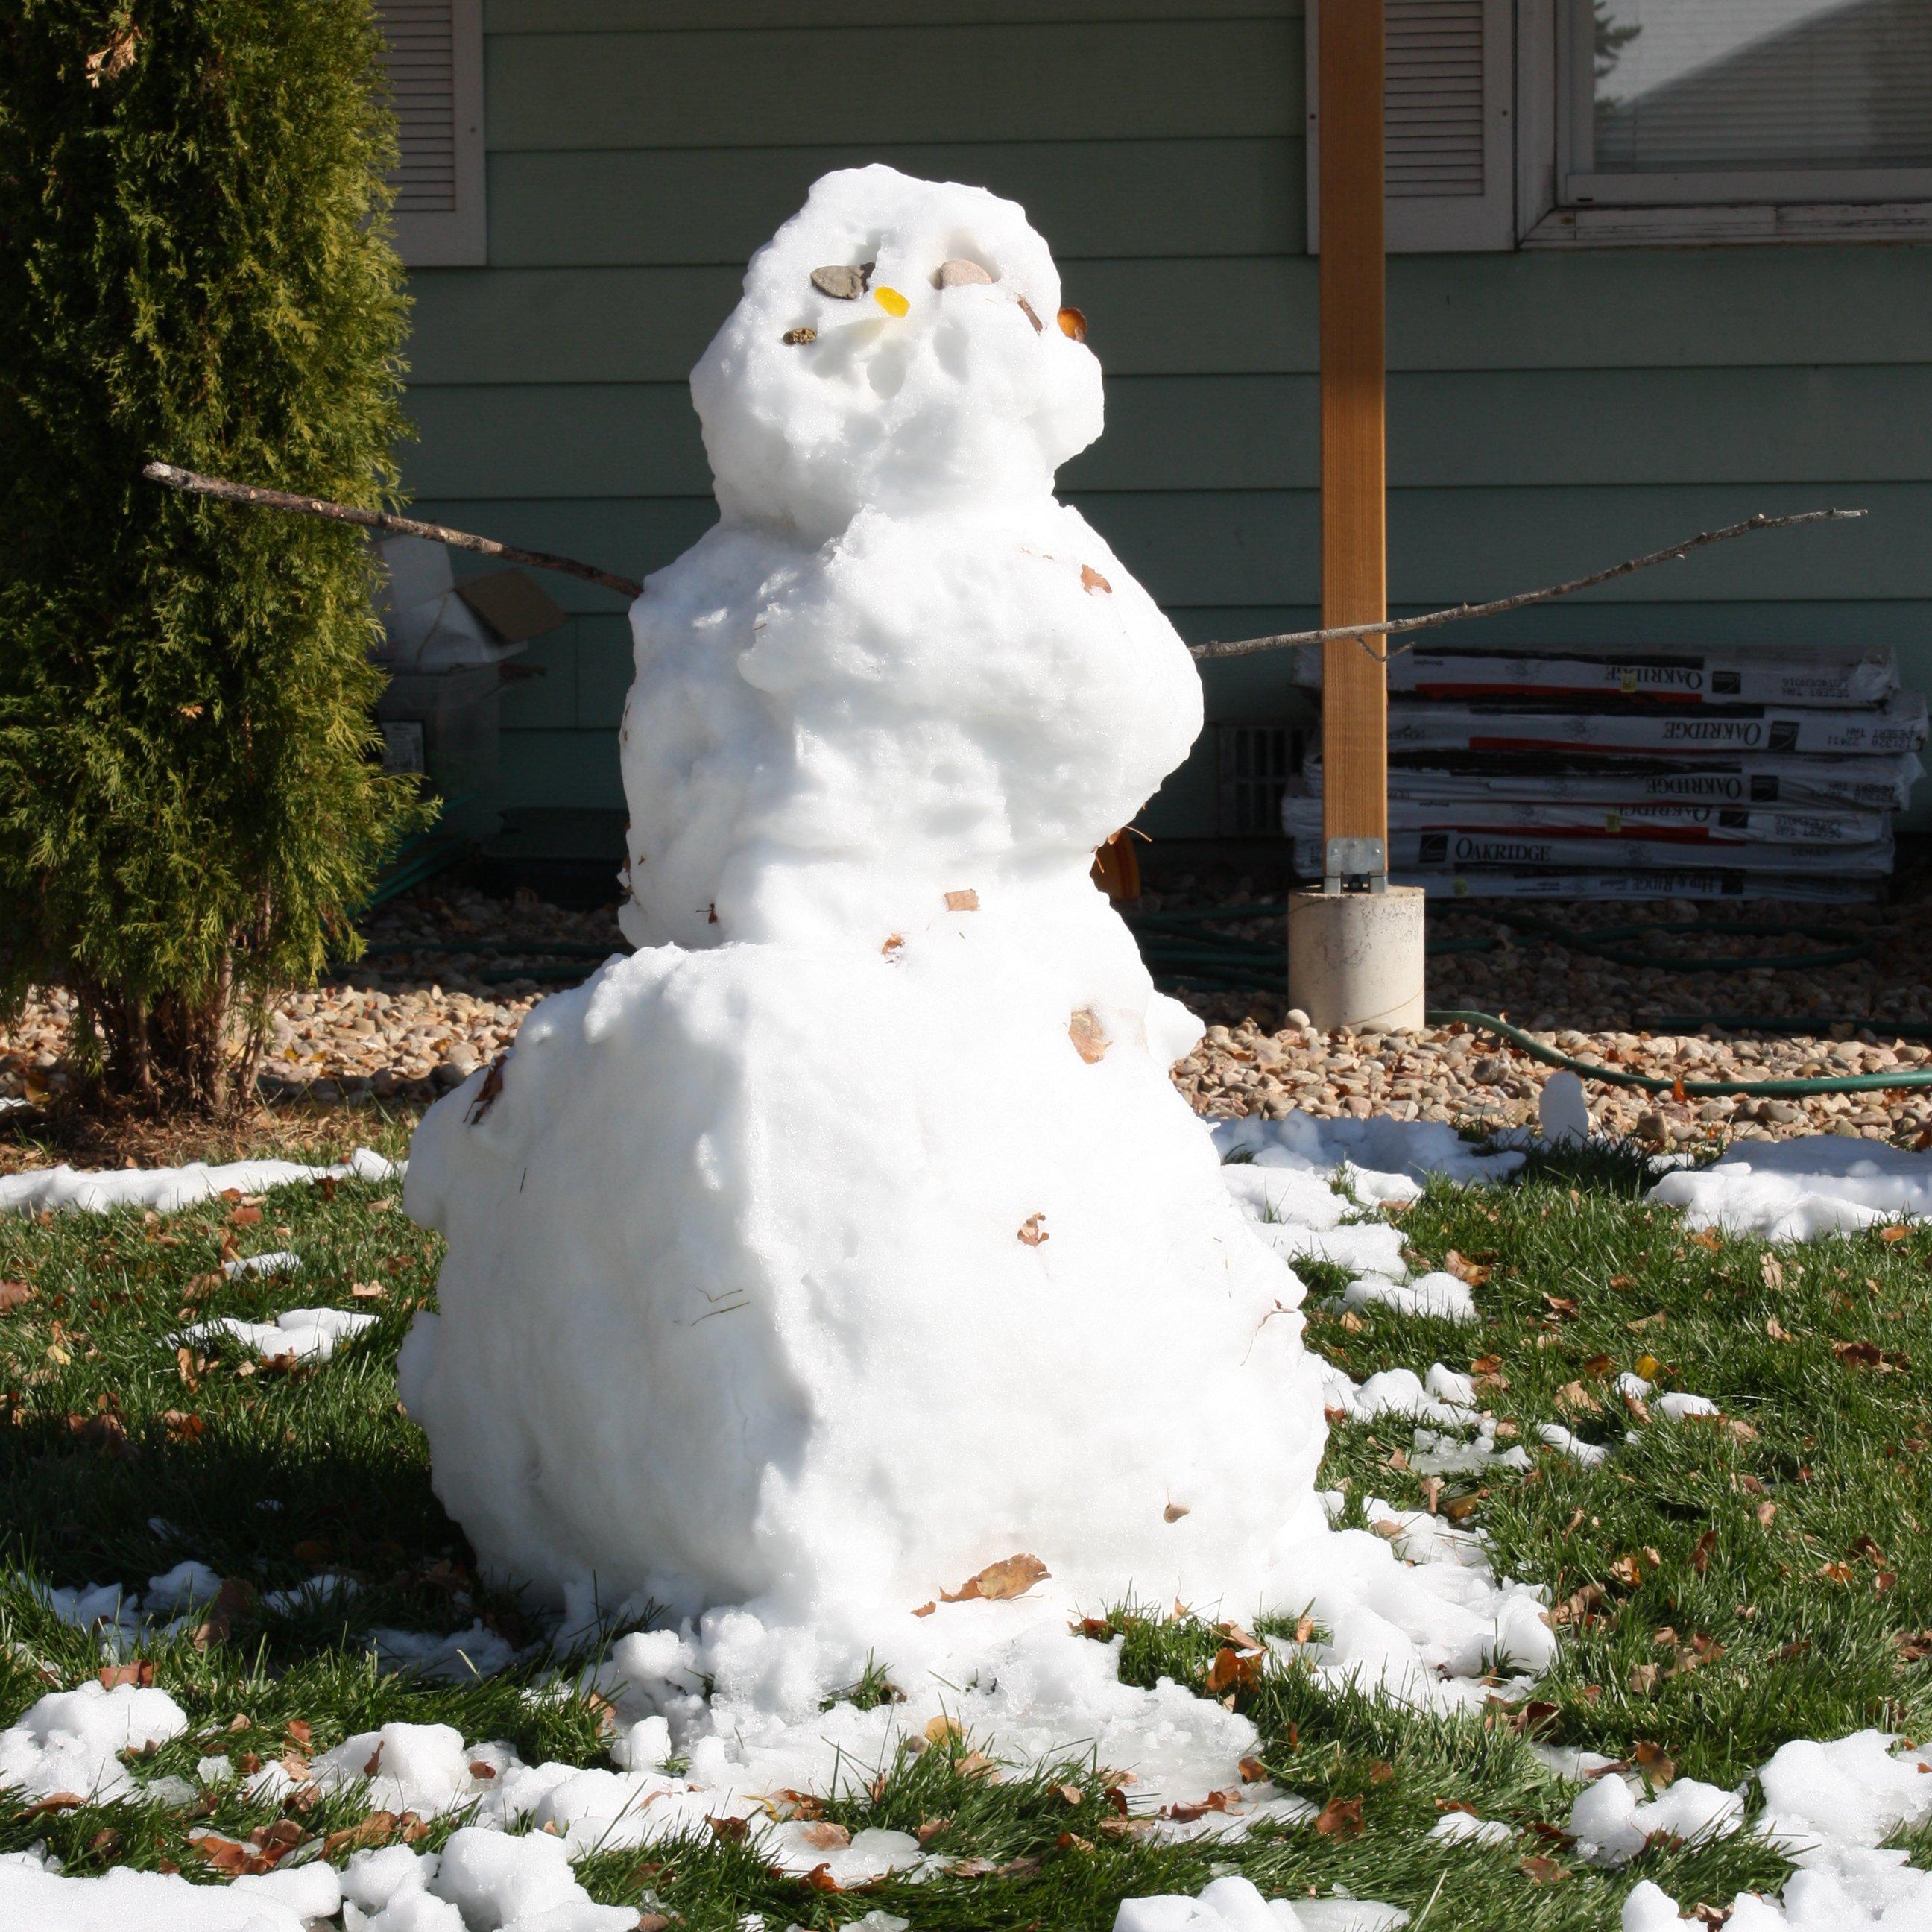 Melting Snowman Picture Free Photograph Photos Public